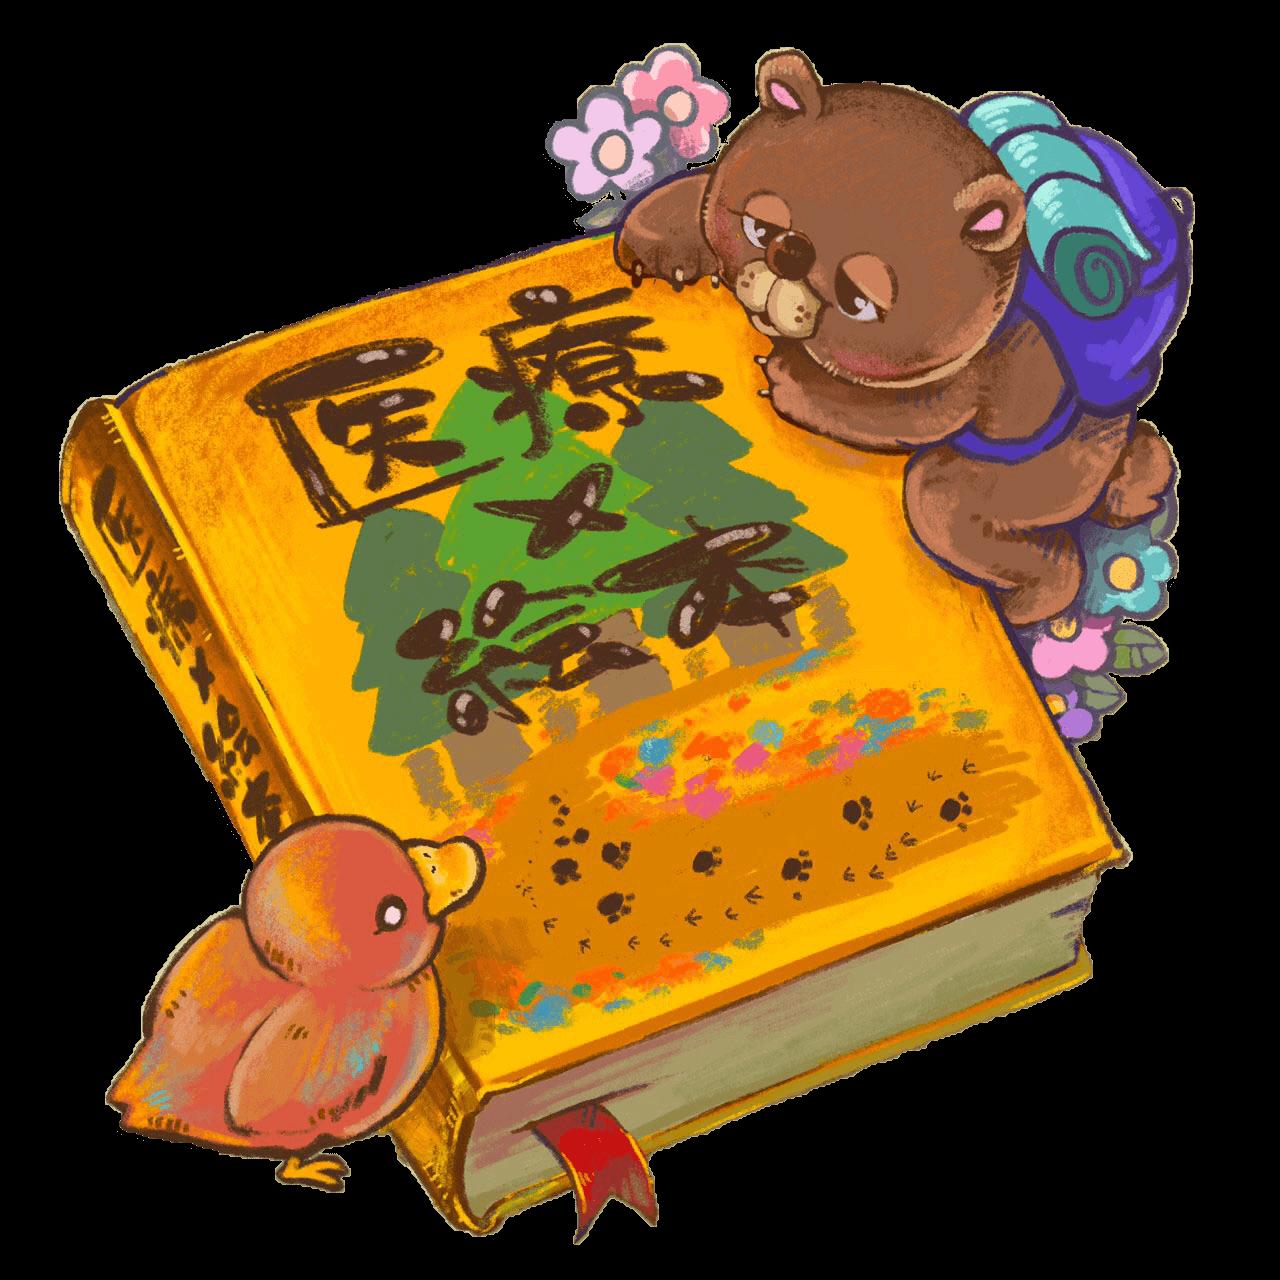 熊と鳥と本の絵